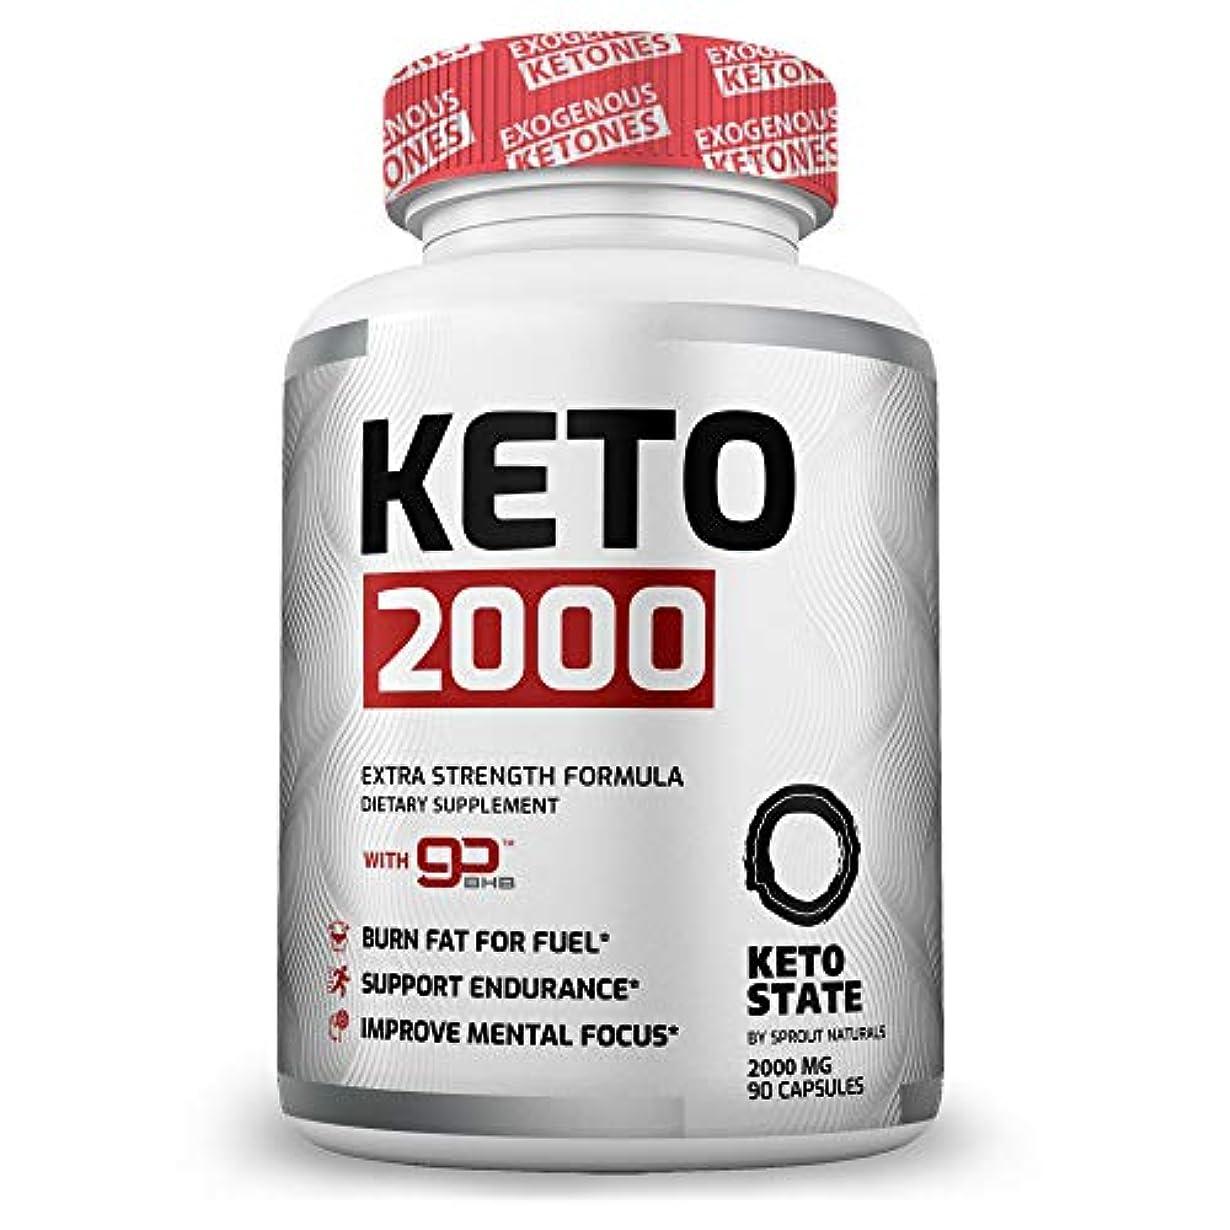 見捨てるヘビー腹部KETO 2000 ケトジェニック 2000 ダイエット 燃焼系 サプリ 90粒 by Sprout Naturals [海外直送品]